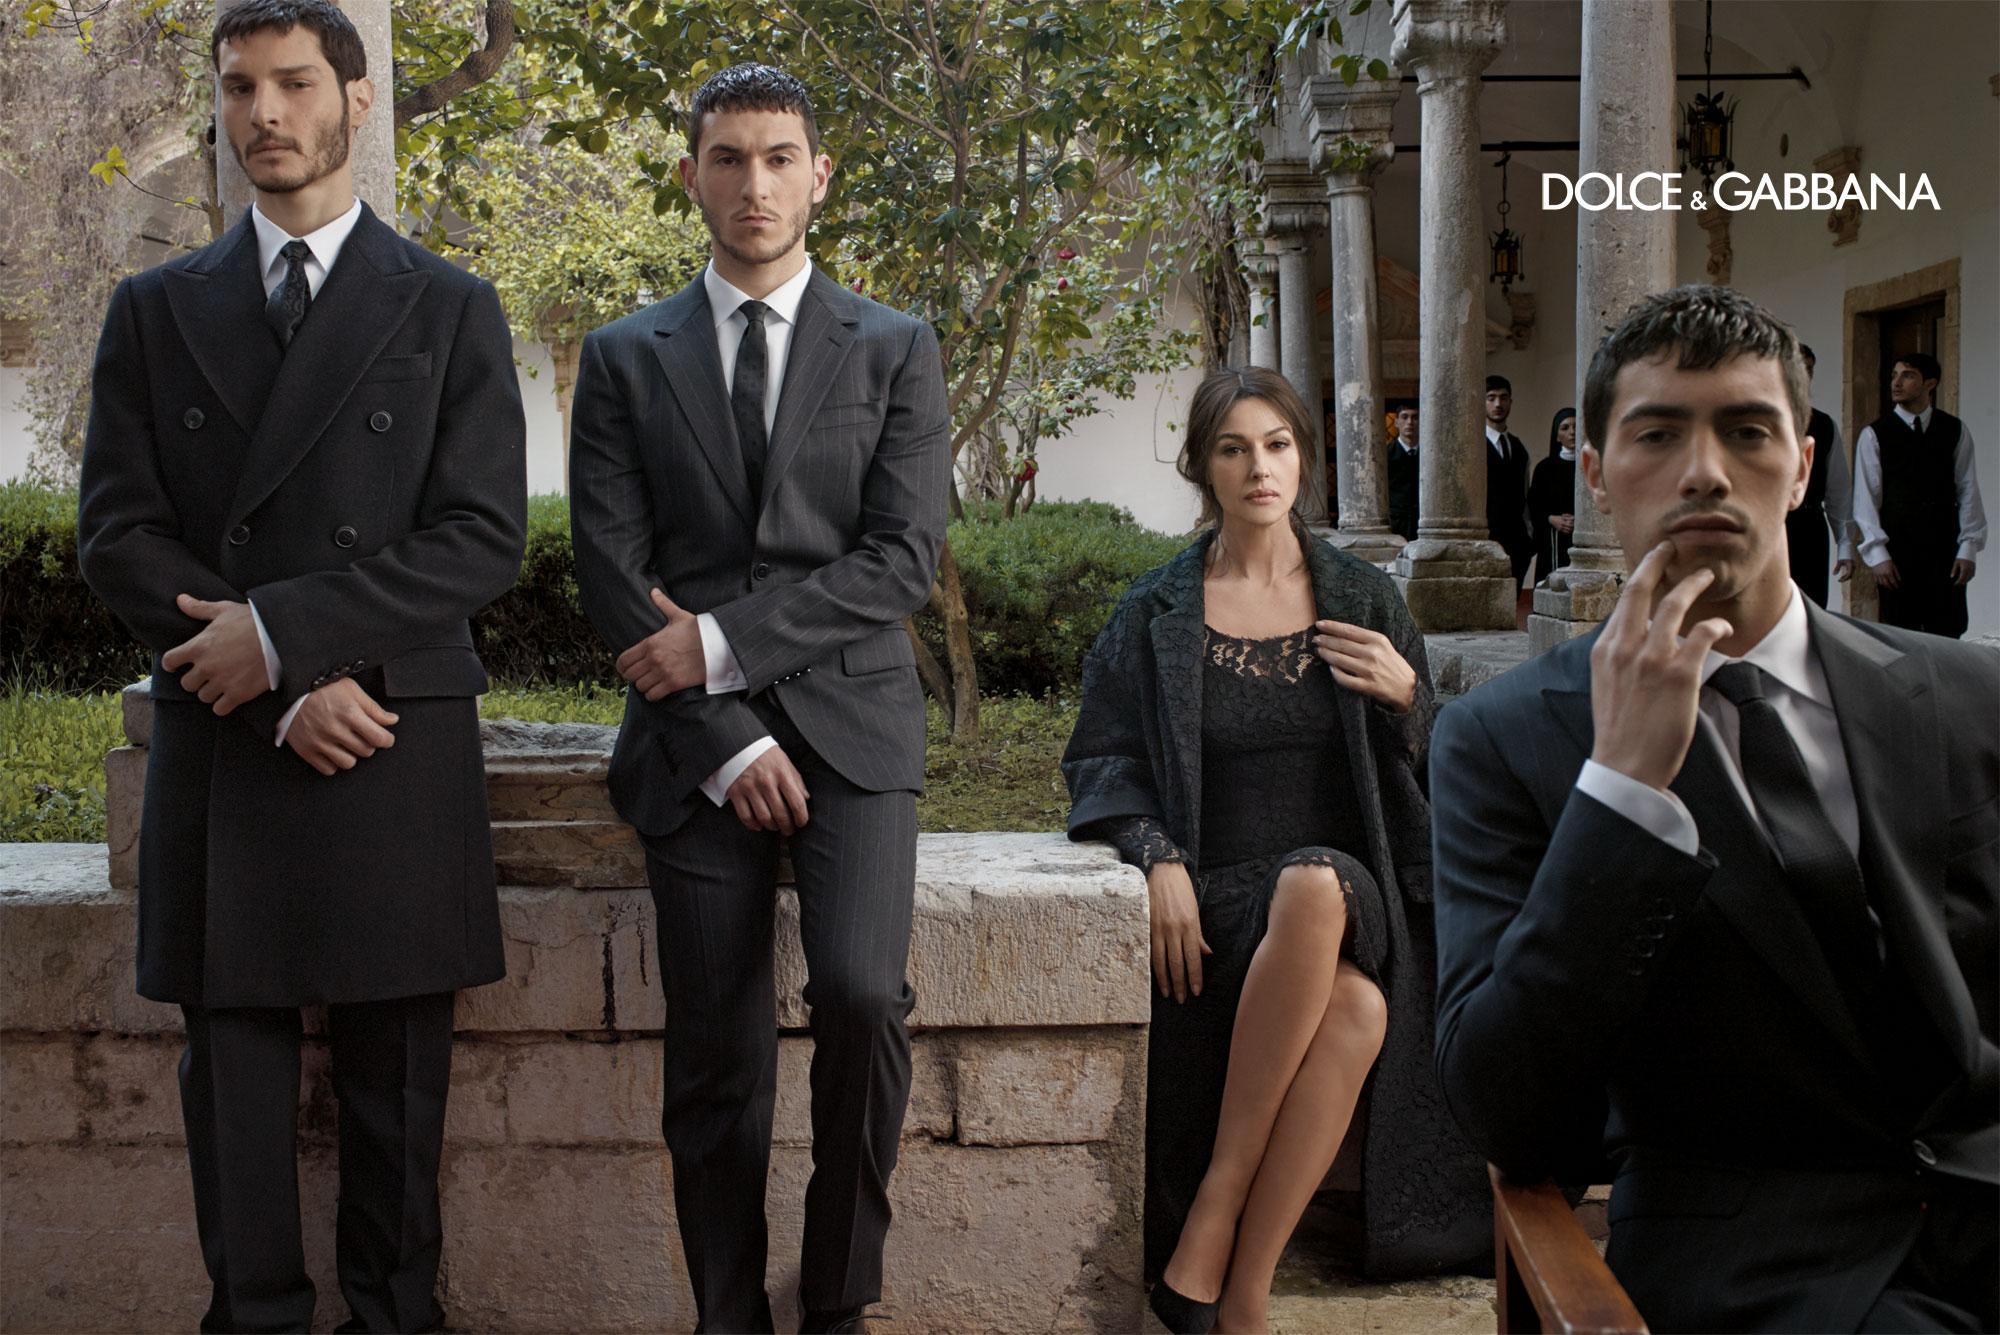 dolce-and-gabbana-fw-2014-men-adv-campaign-1